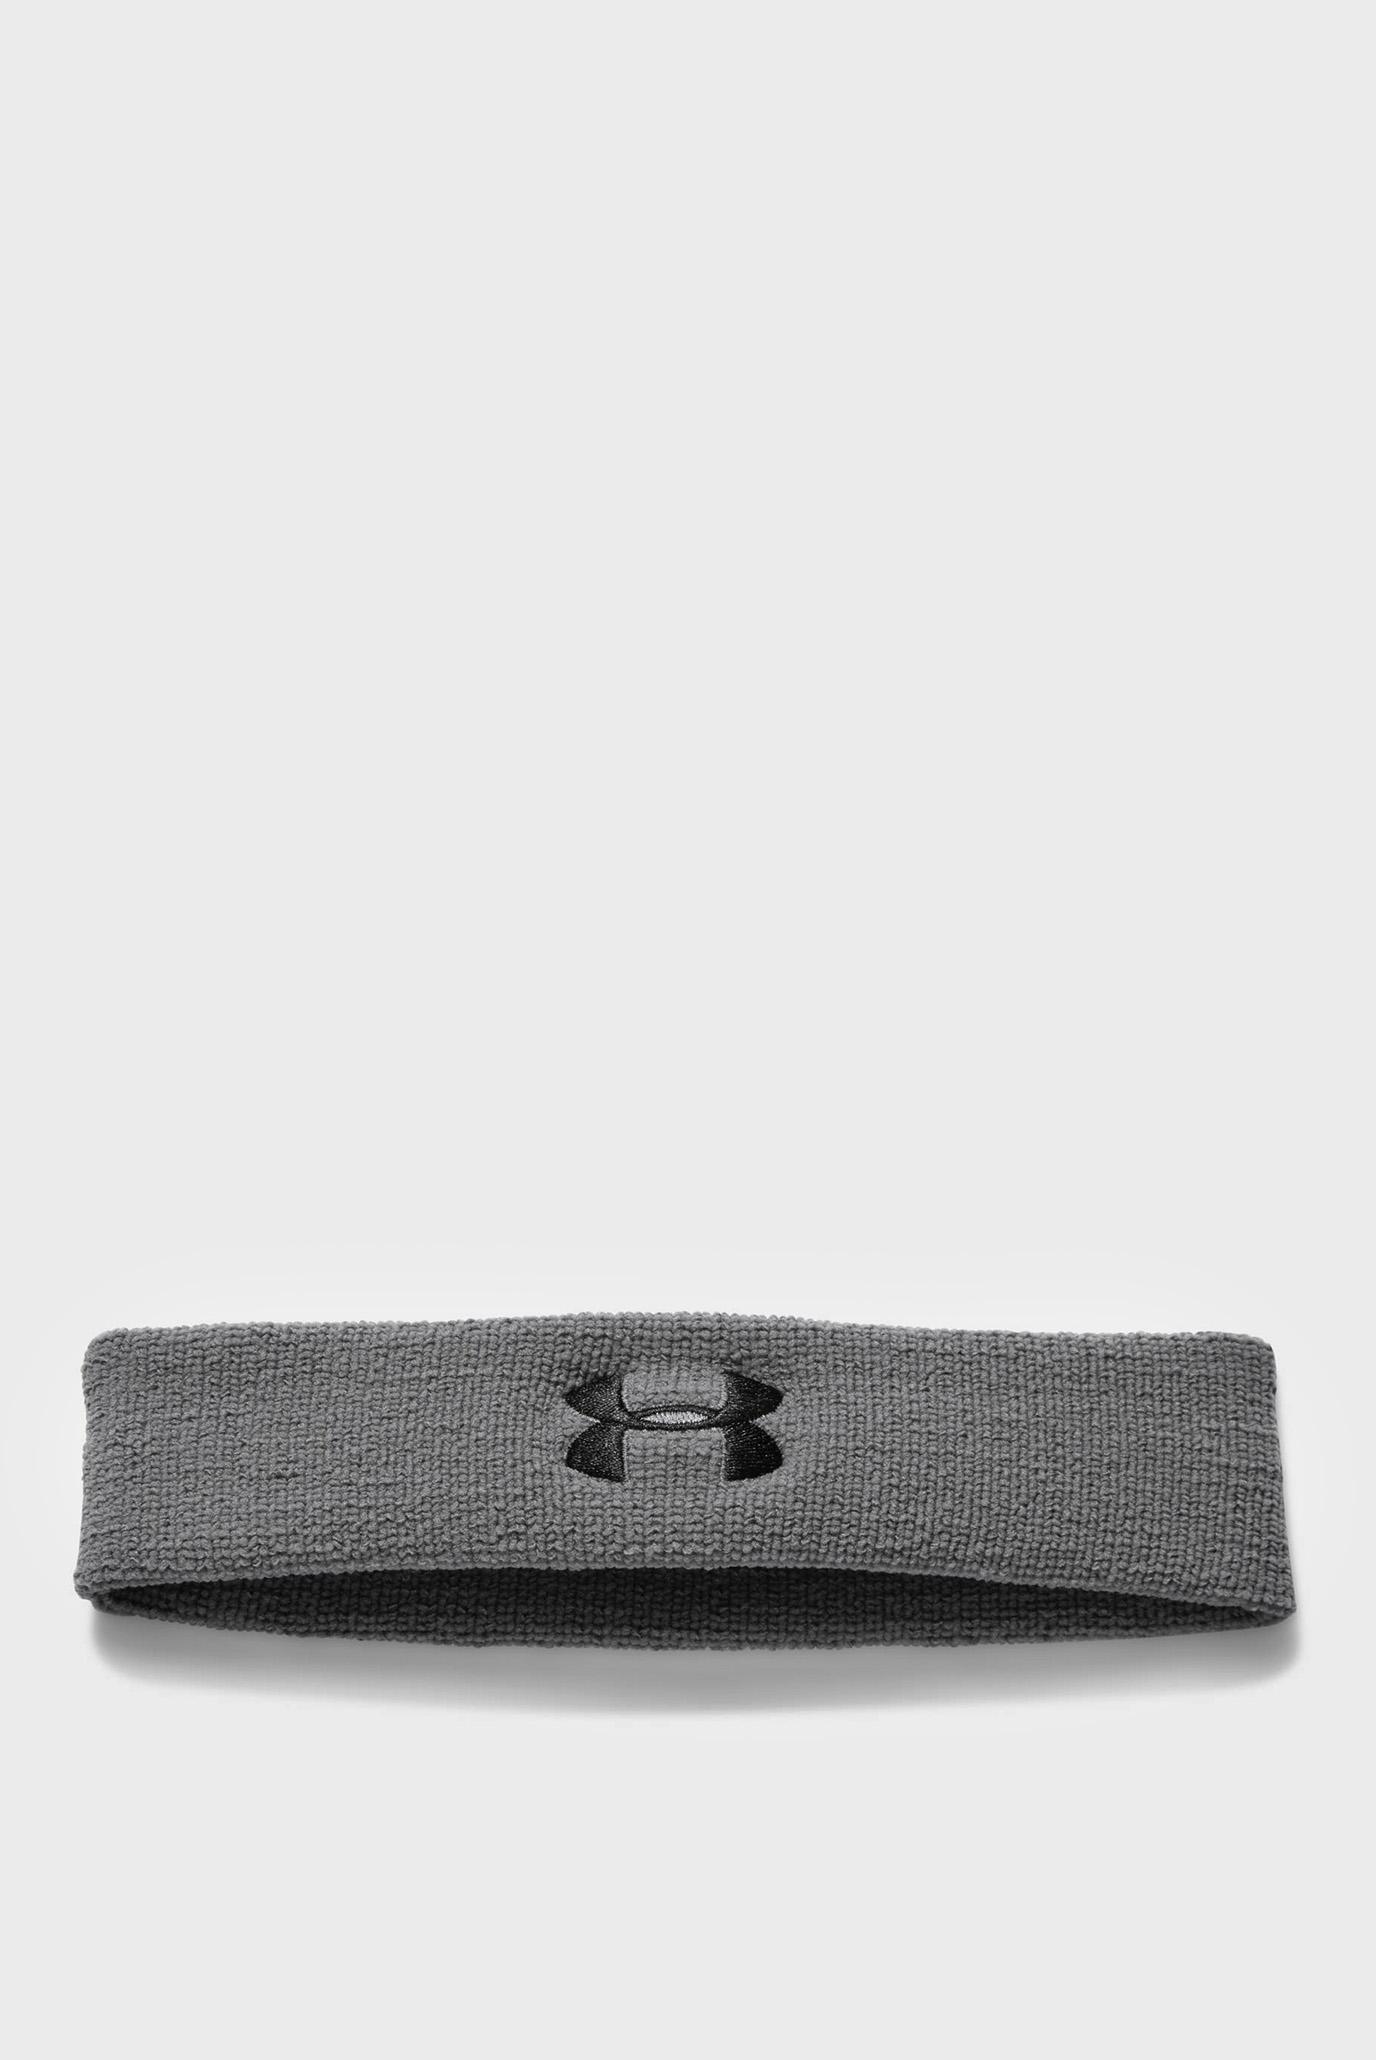 Купить Мужская серая повязка Performance Headband Under Armour Under Armour 1276990-040 – Киев, Украина. Цены в интернет магазине MD Fashion